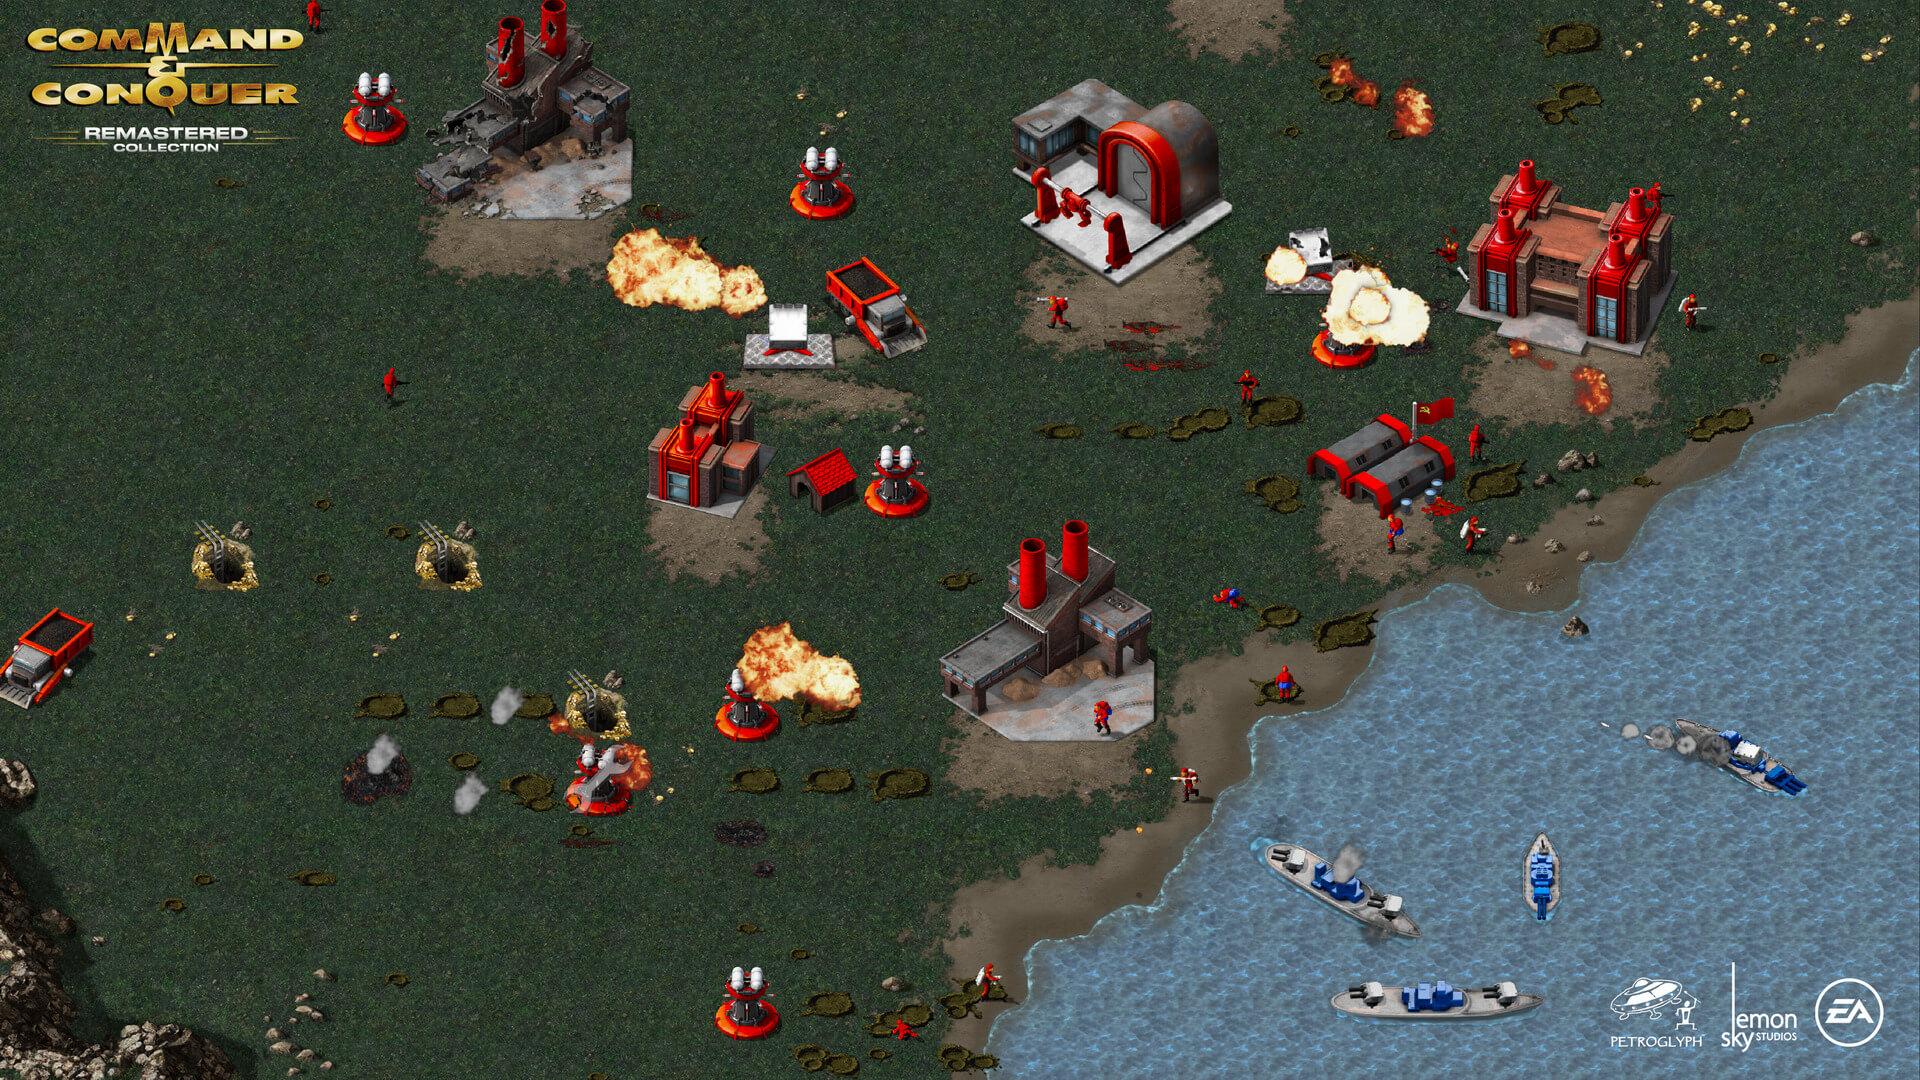 红色警戒/命令与征服:重制版/Command and Conquer:Remastered插图5